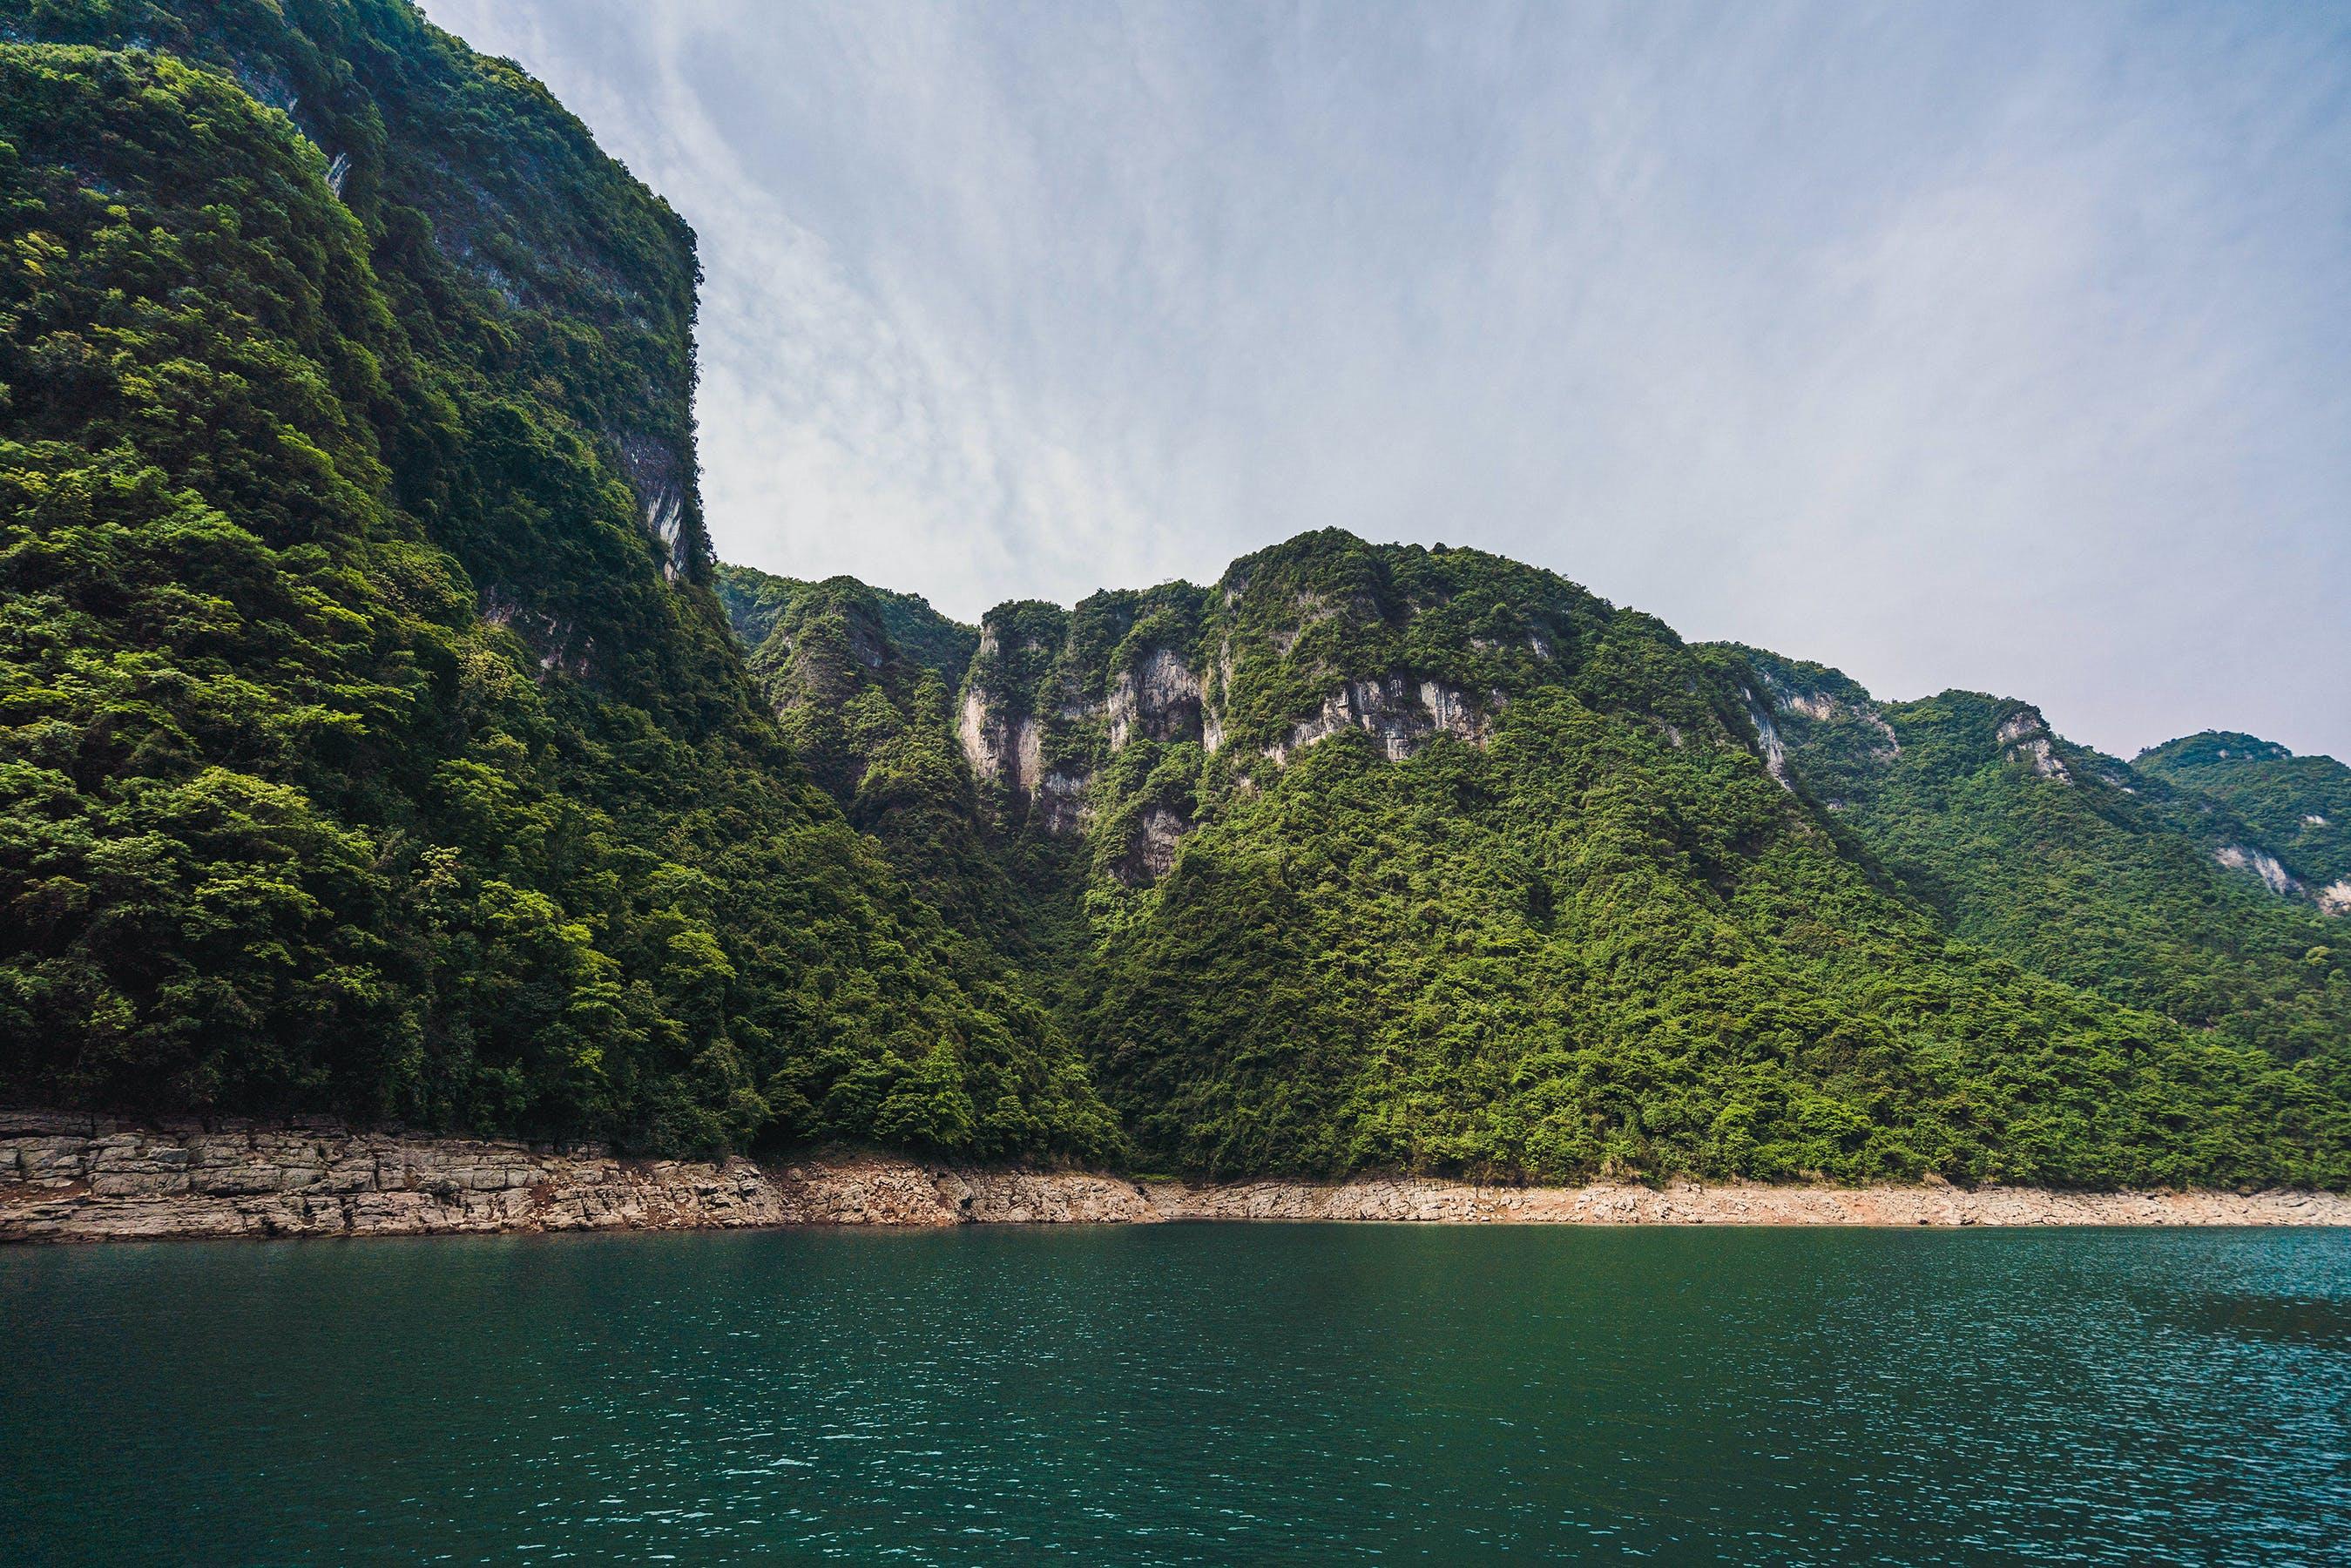 Gratis lagerfoto af bjerg, bugt, dagslys, hav